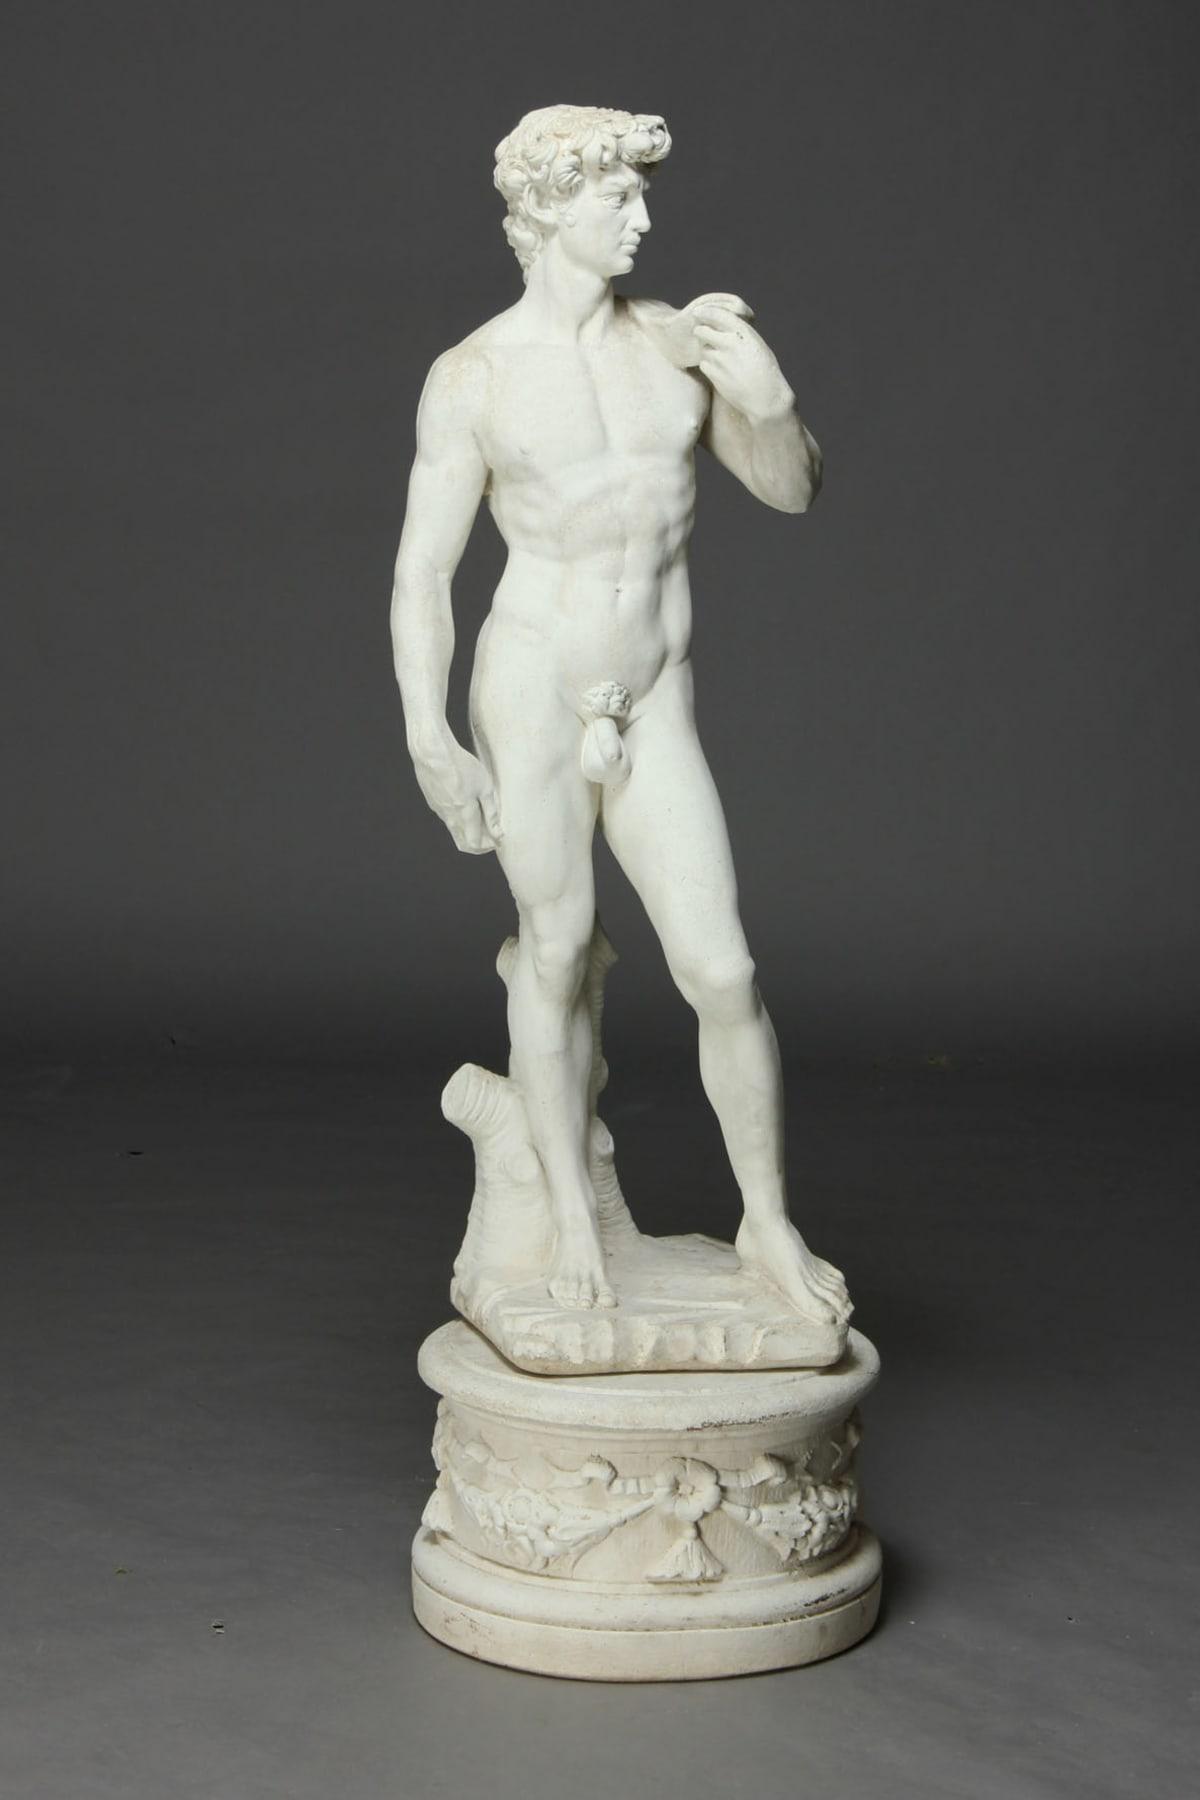 En trädgårdsskulptur som gömmer sig i grönskan skapar en romantisk atmosfär i trädgården. På Lauritz.com såldes skulpturen på Michelangelos David. Utropspriset var cirka 800 kr.